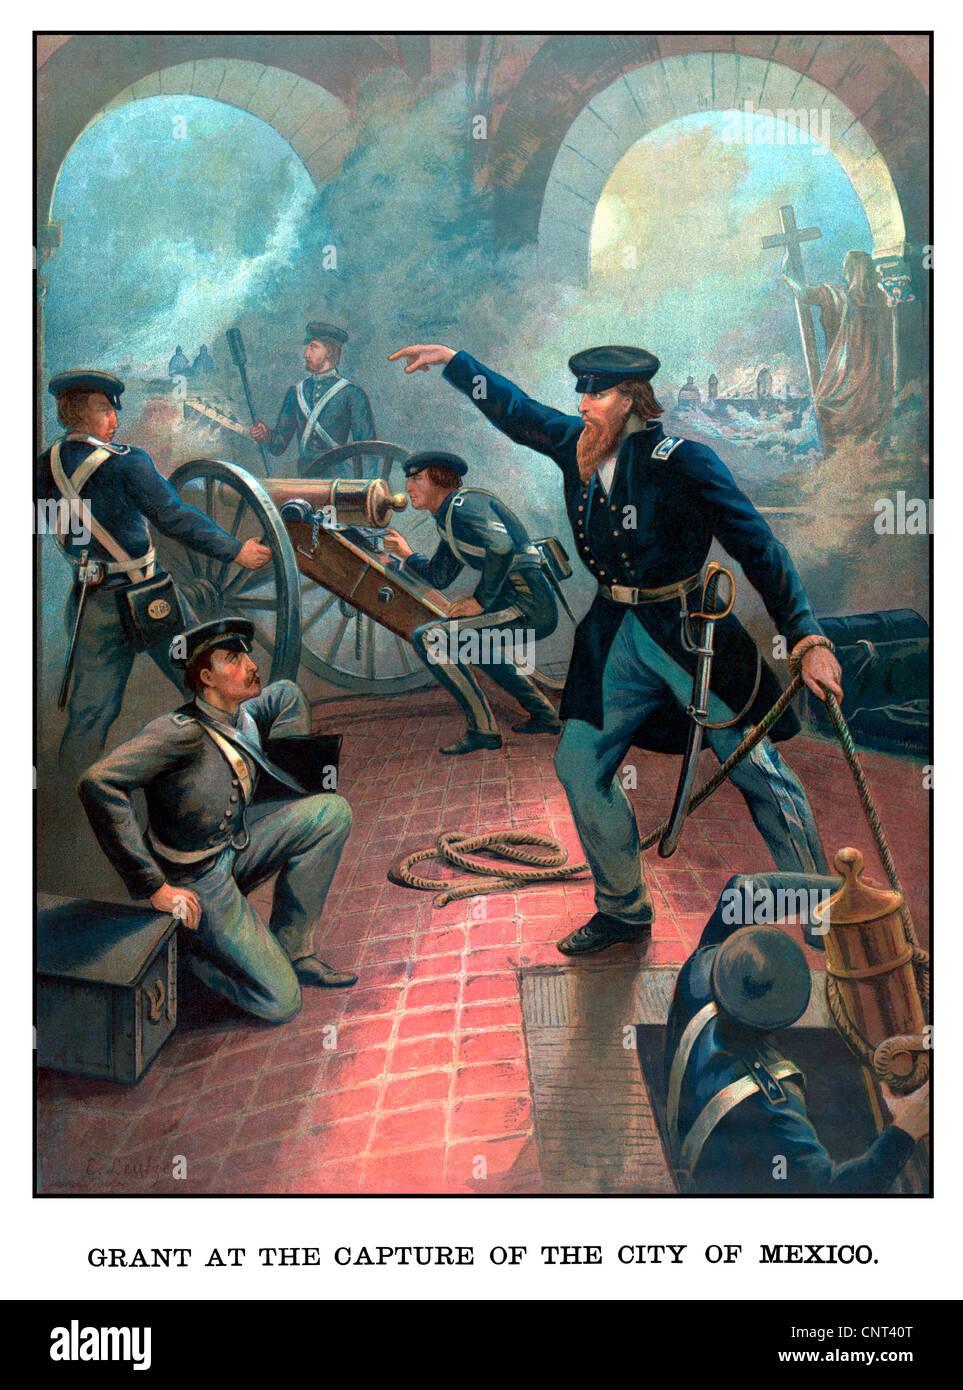 Historia Americana Vintage poster de Ulysses S. Grant comandando tropas durante la guerra mexicano-americana. Imagen De Stock